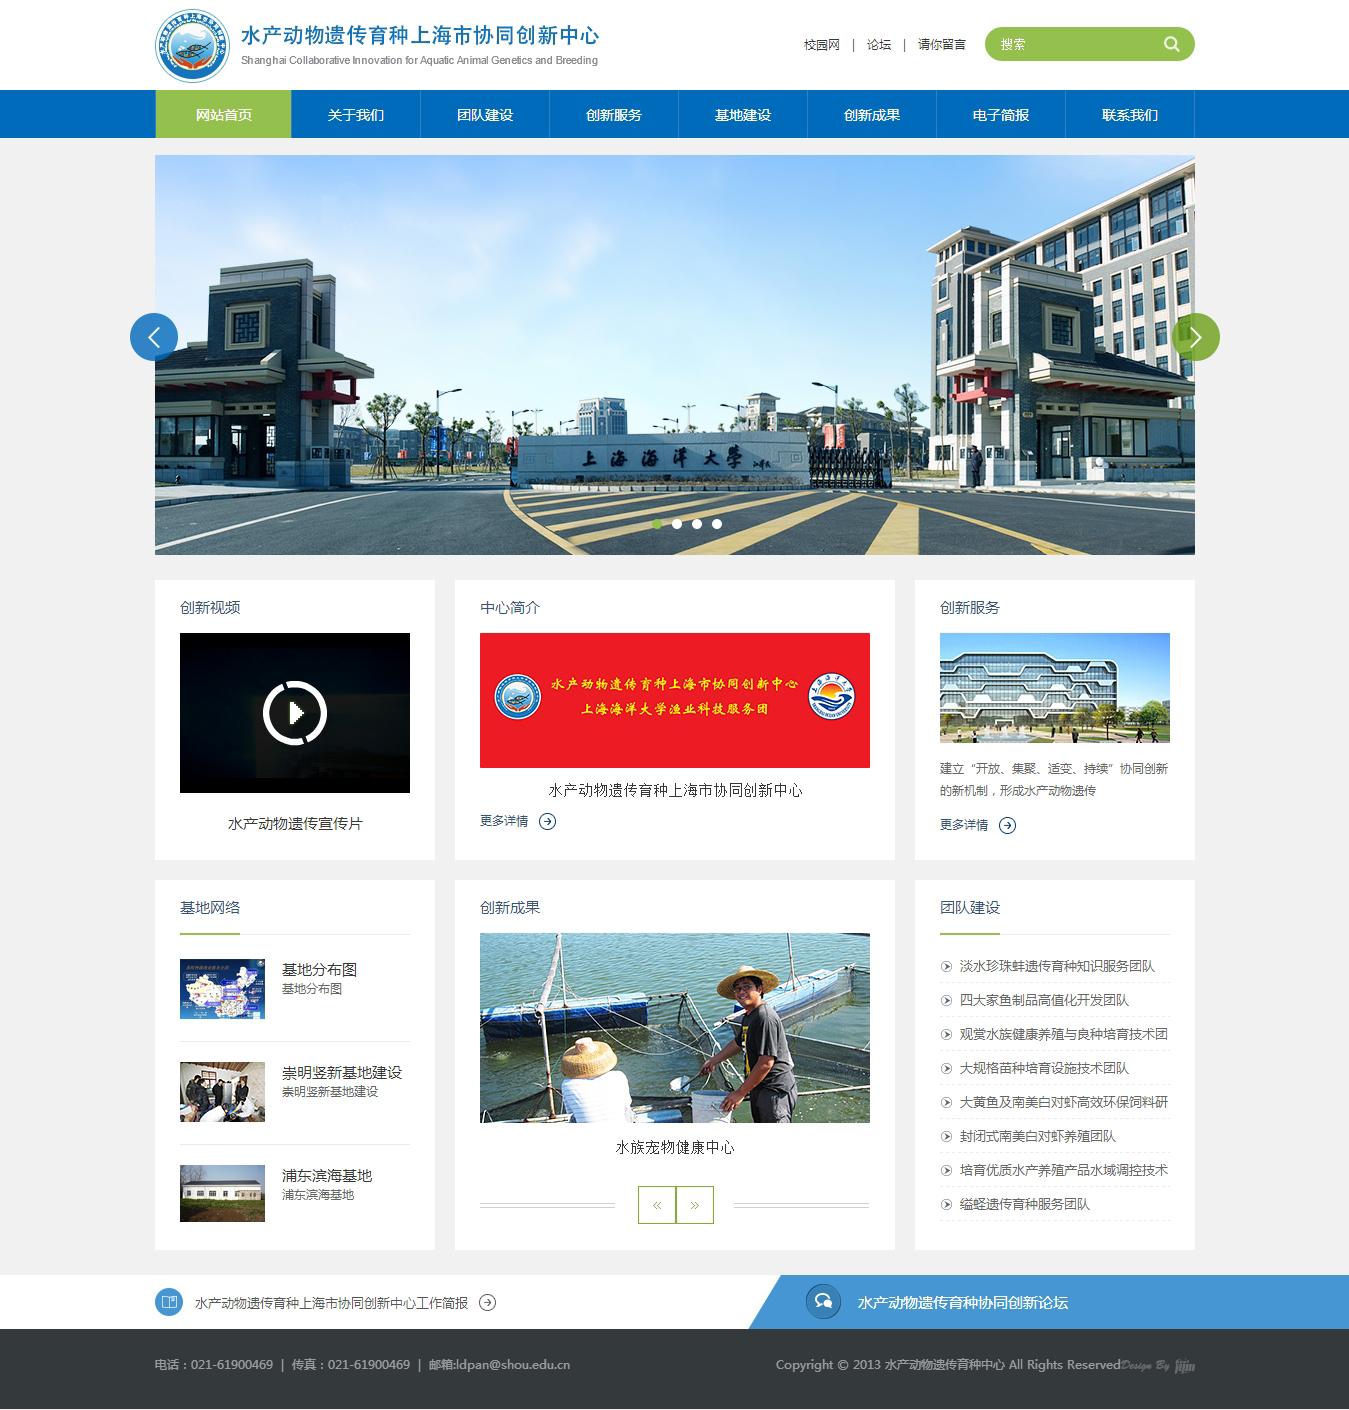 上海海洋大学案例图片